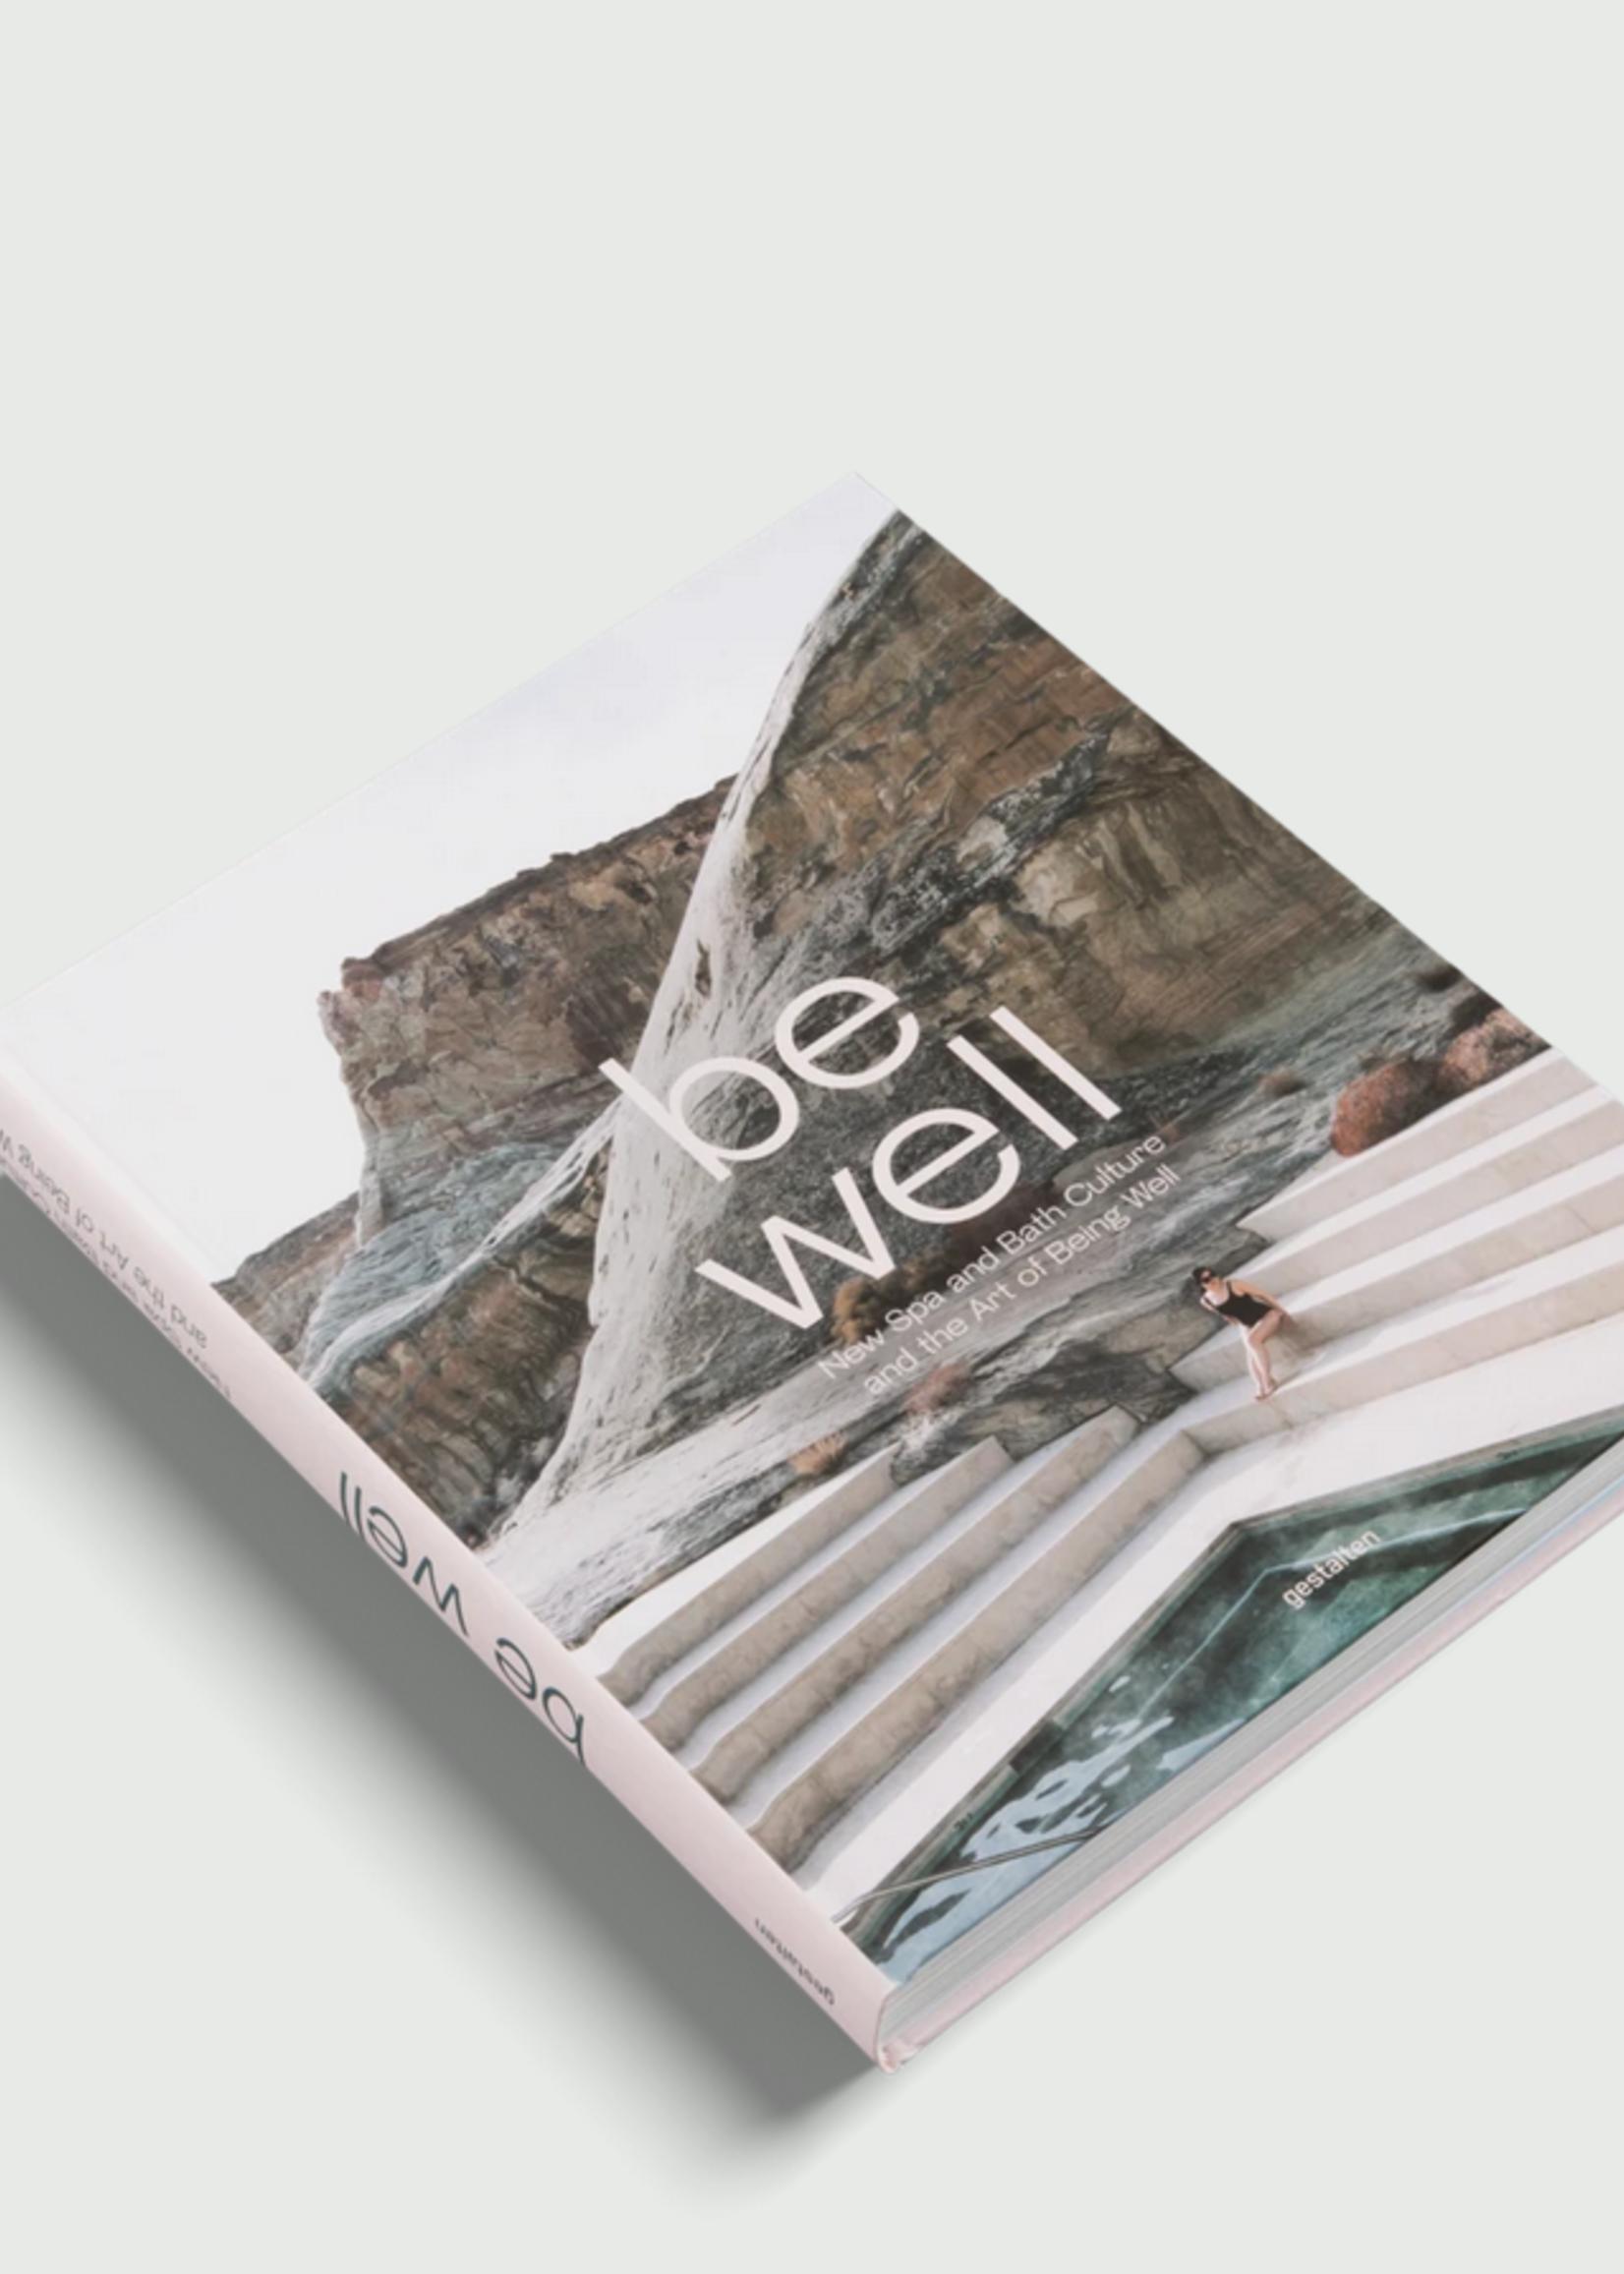 Gestalten Book Be Well